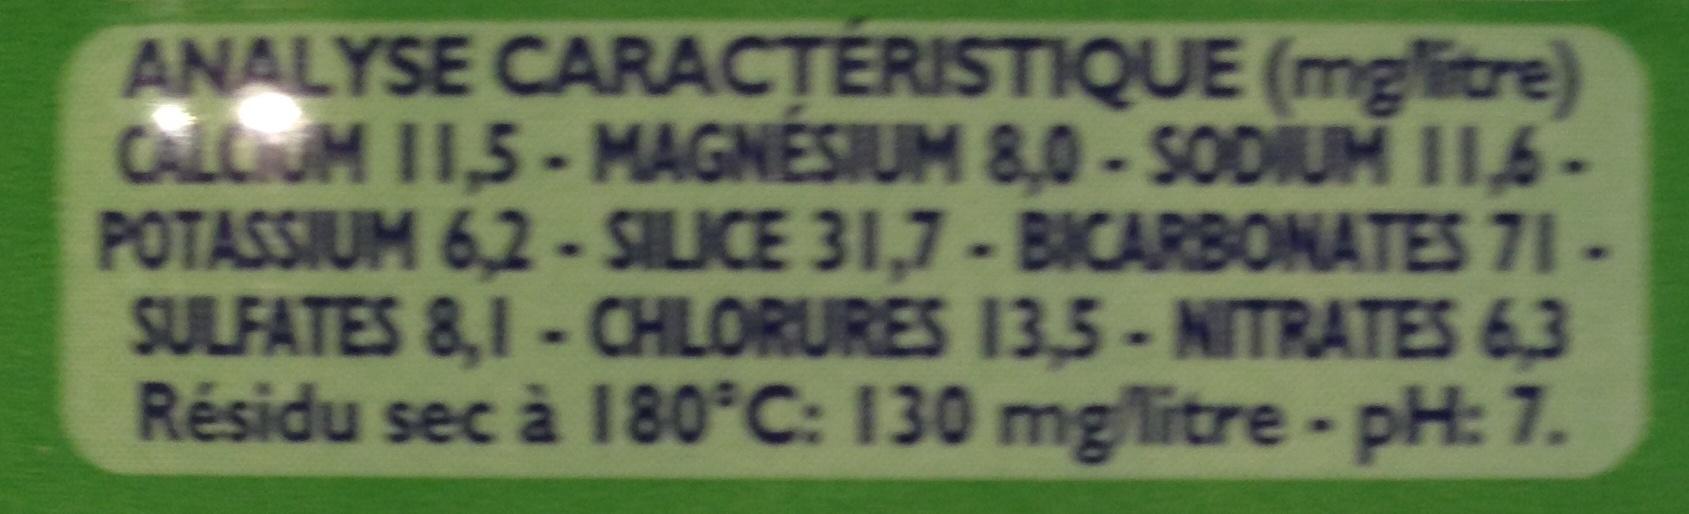 Eau Minérale Naturelle (Pack de 6x50 cl) avec Unicef - Ingredients - fr